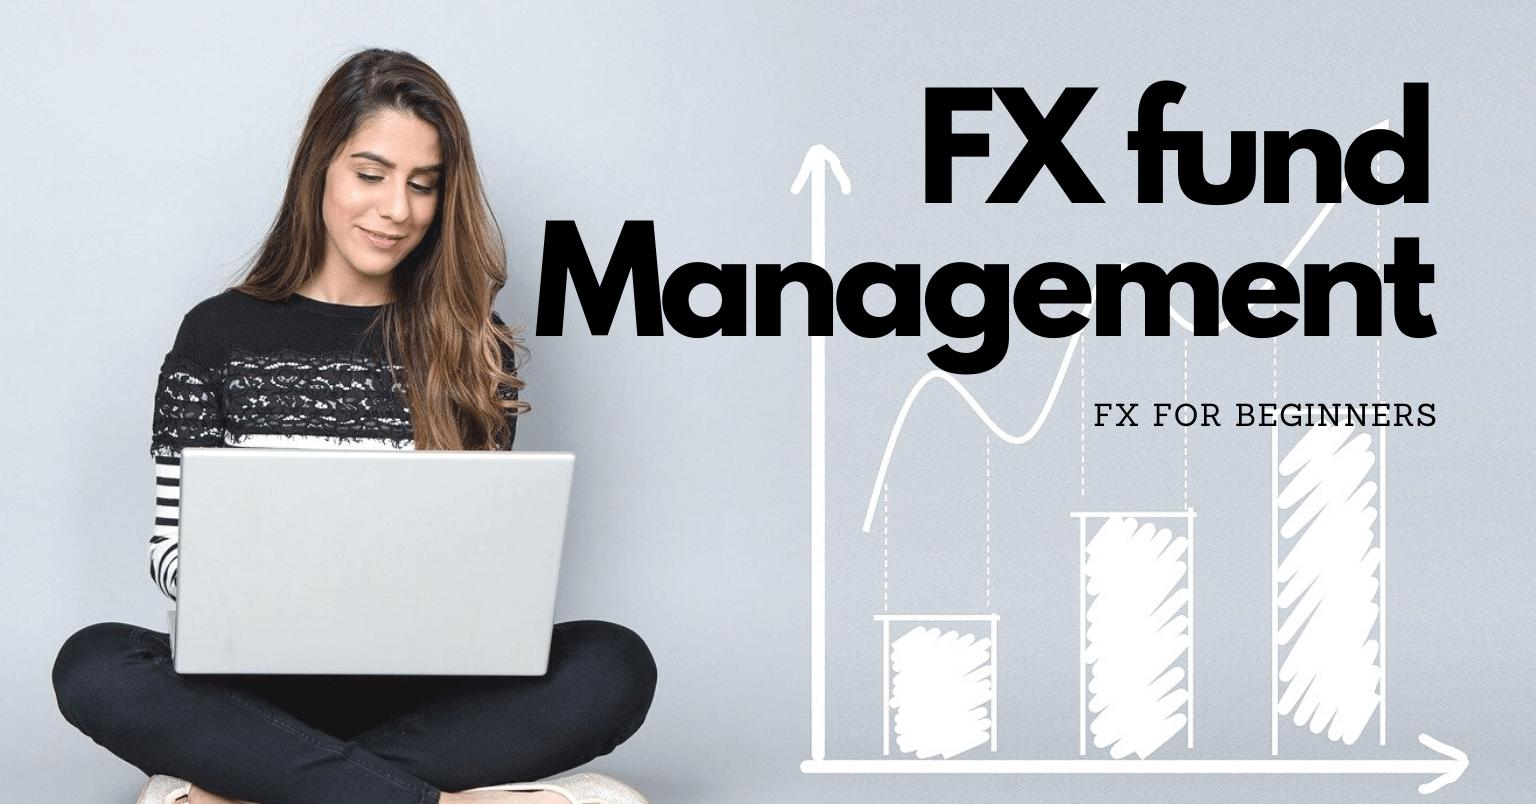 資金管理でFX初心者の運用を飛躍させる方法